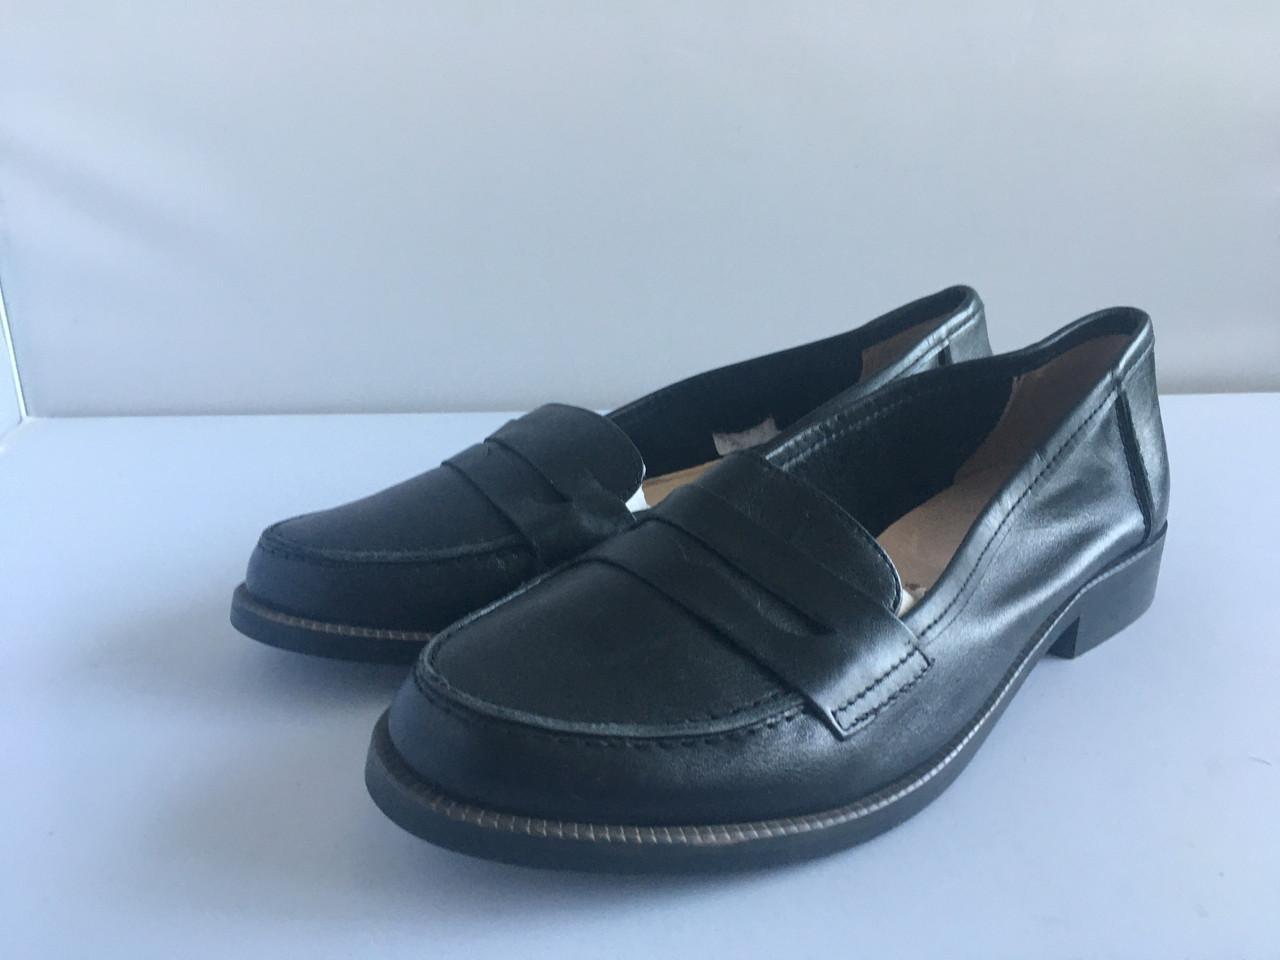 Женские туфли San Marina, 37 размер